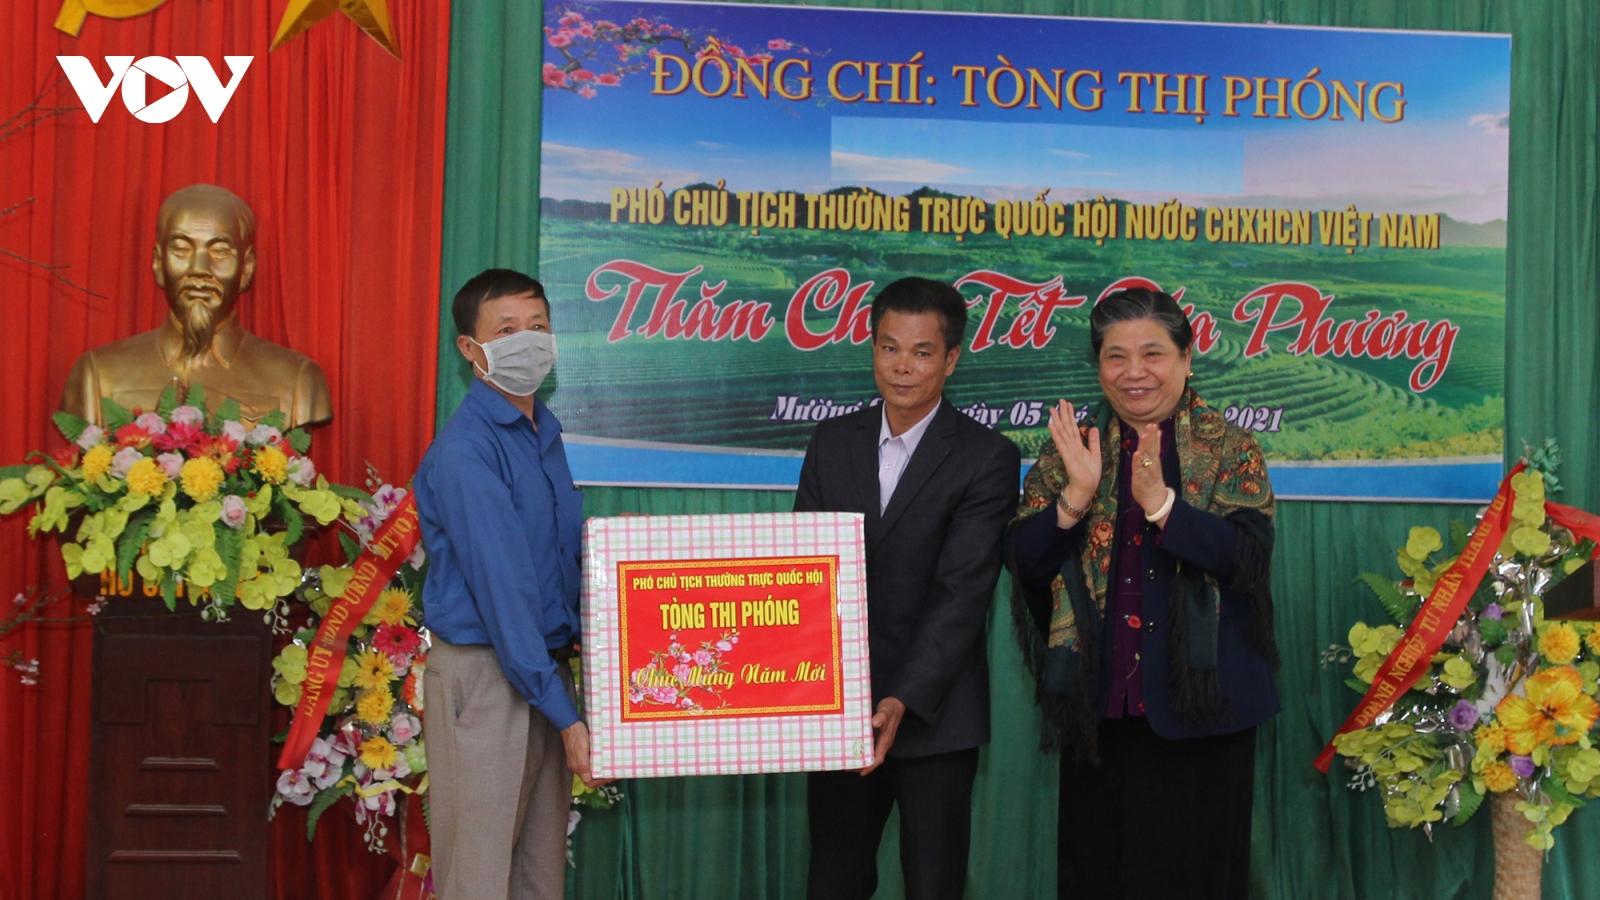 Phó Chủ tịch thường trực Quốc hội Tòng Thị Phóng chúc Tết nhân dân bản Thái Hưng